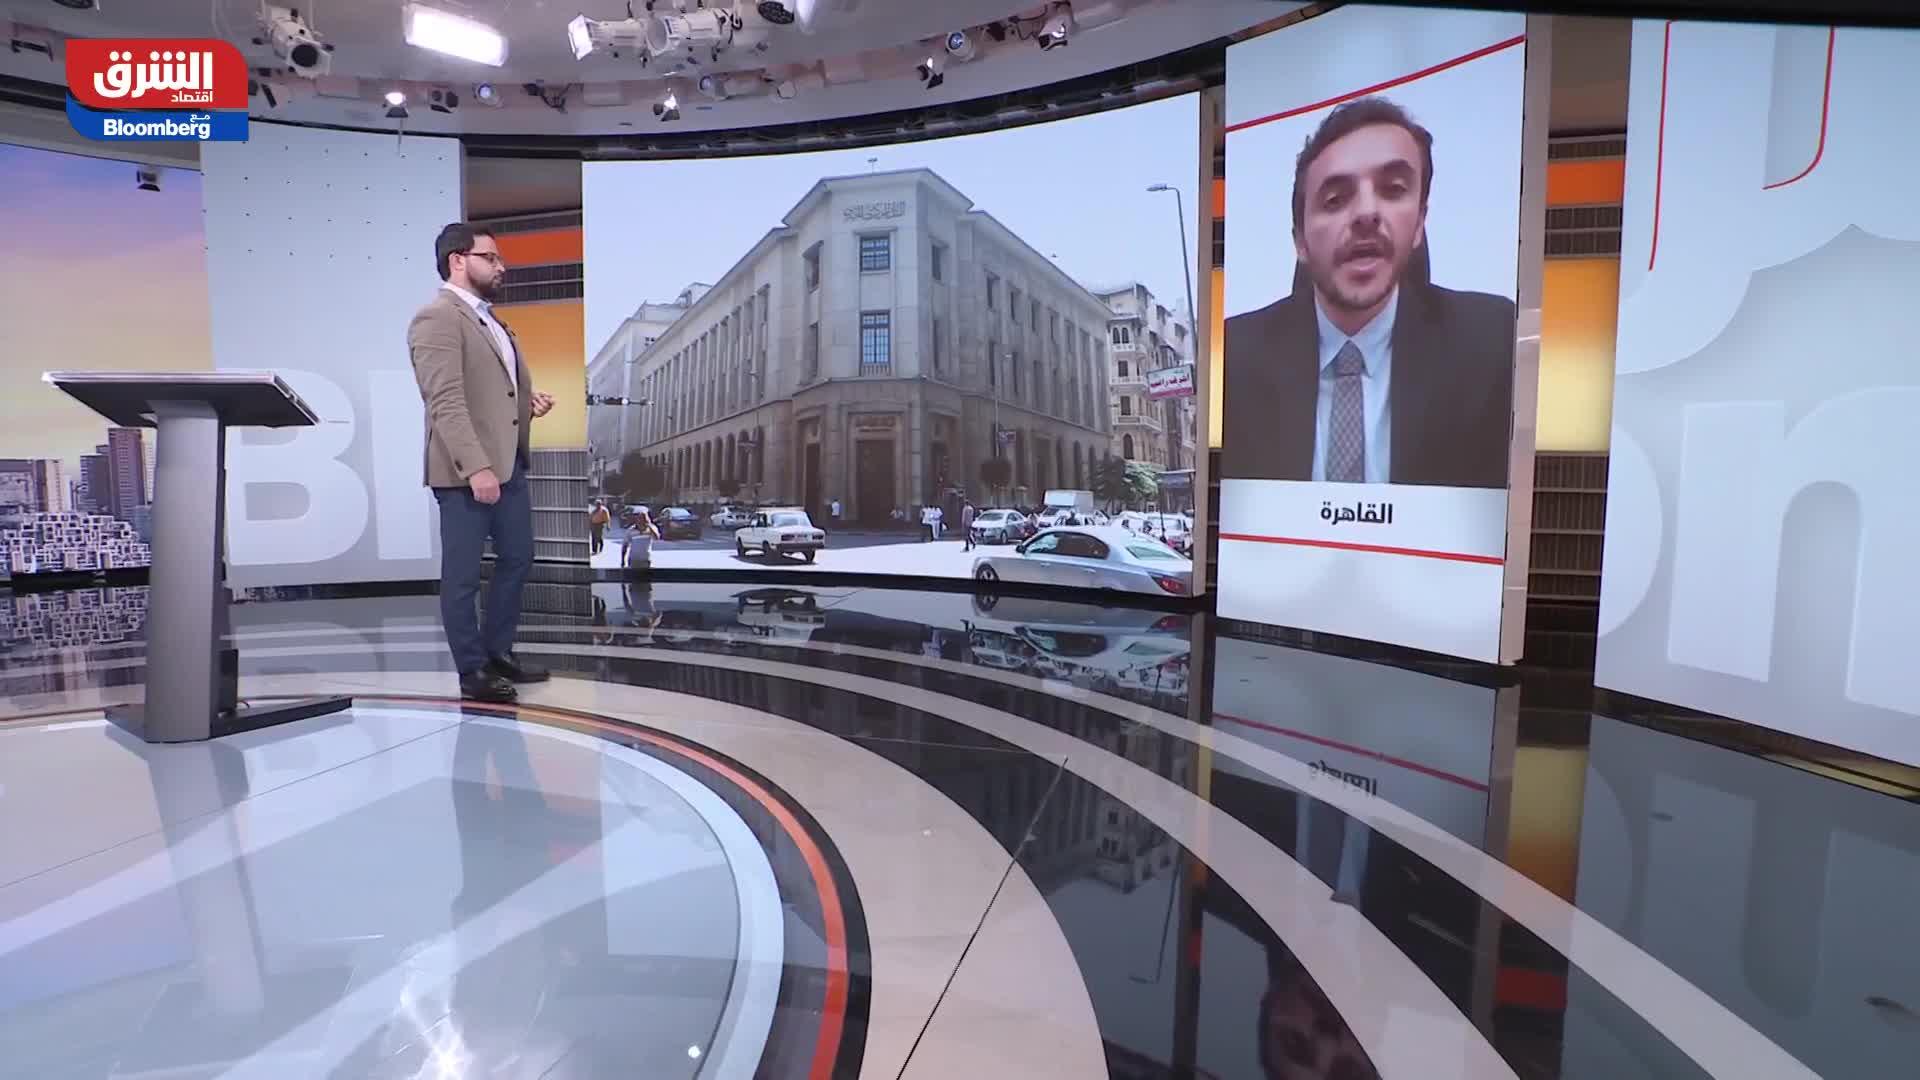 كيف ستؤثر سياسة الفيدرالي الأميركي على مصر؟